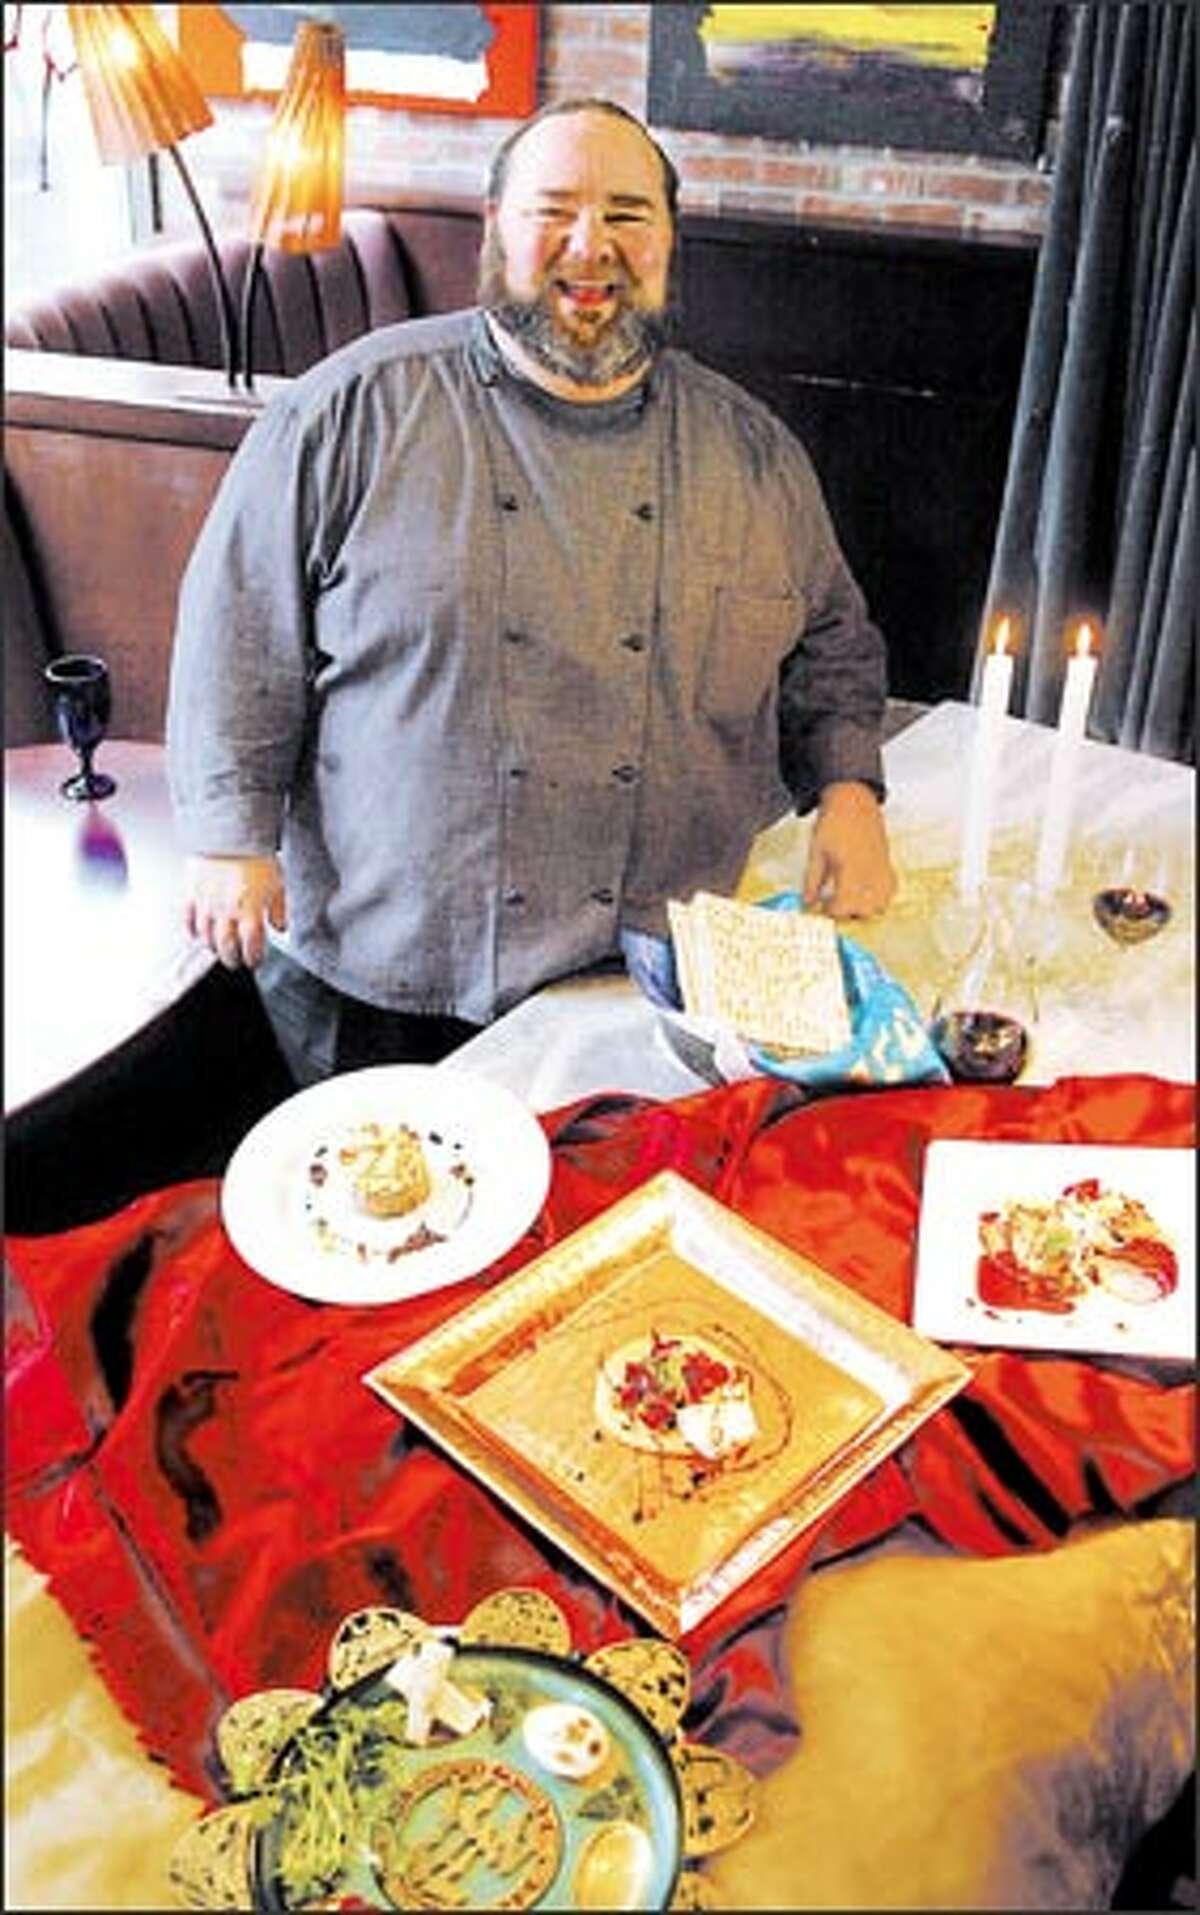 Chef Jan Birnbaum is injecting his trademark